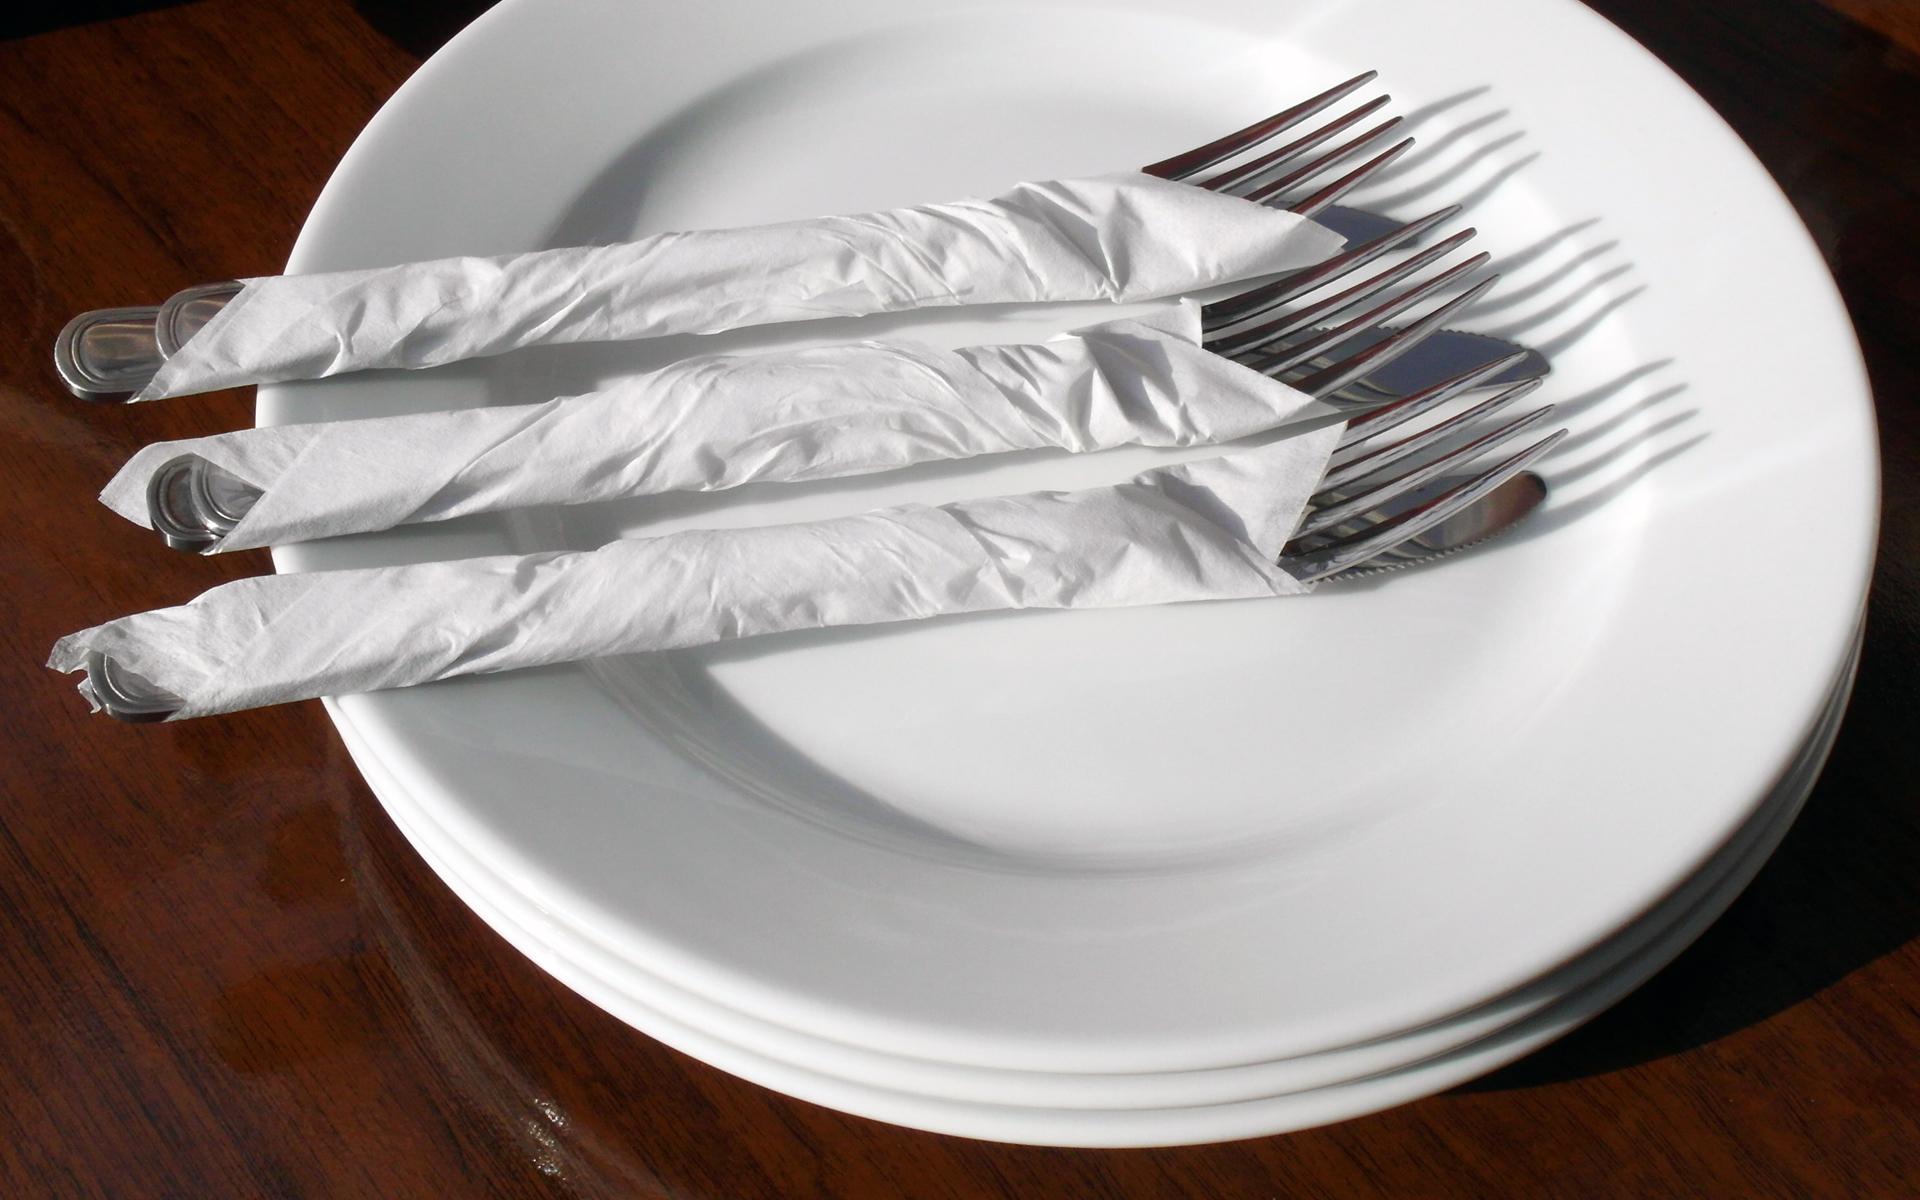 posiłek obiad kolacja lunch z kontrahentem jest kosztem działalności gospodarczej